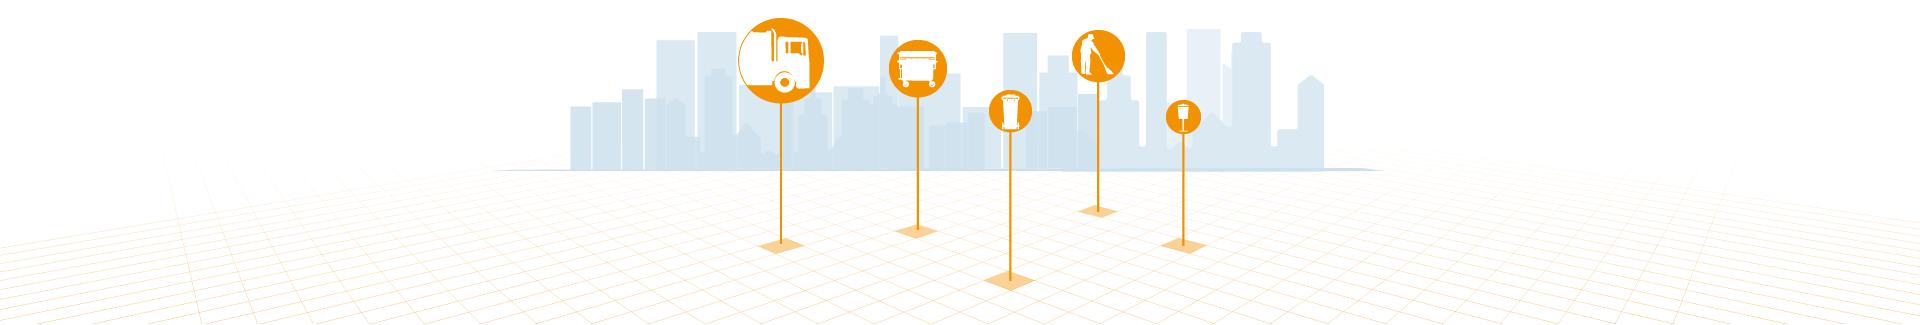 sistema SIG para la gestión de recogida de residuos urbanos - SITEP